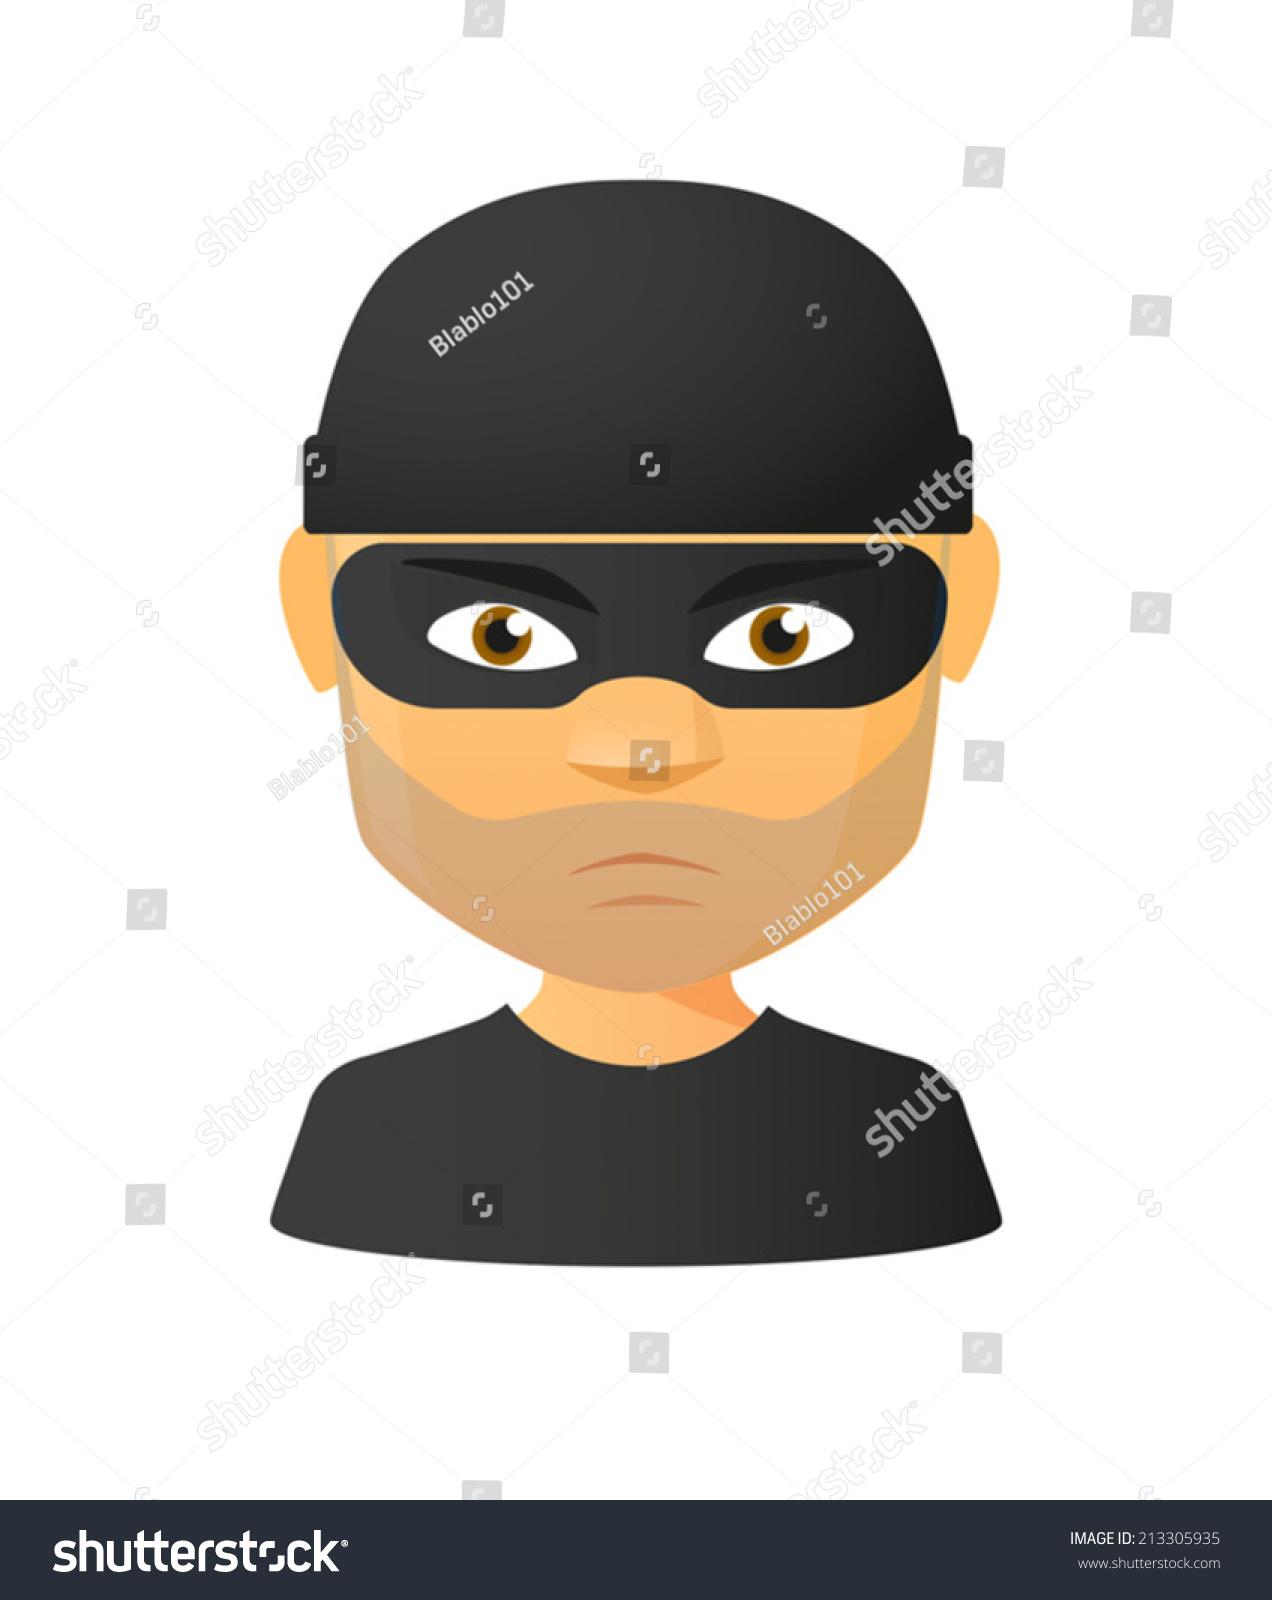 一个孤立的男性小偷头像插图-人物,其它-海洛创意()-.